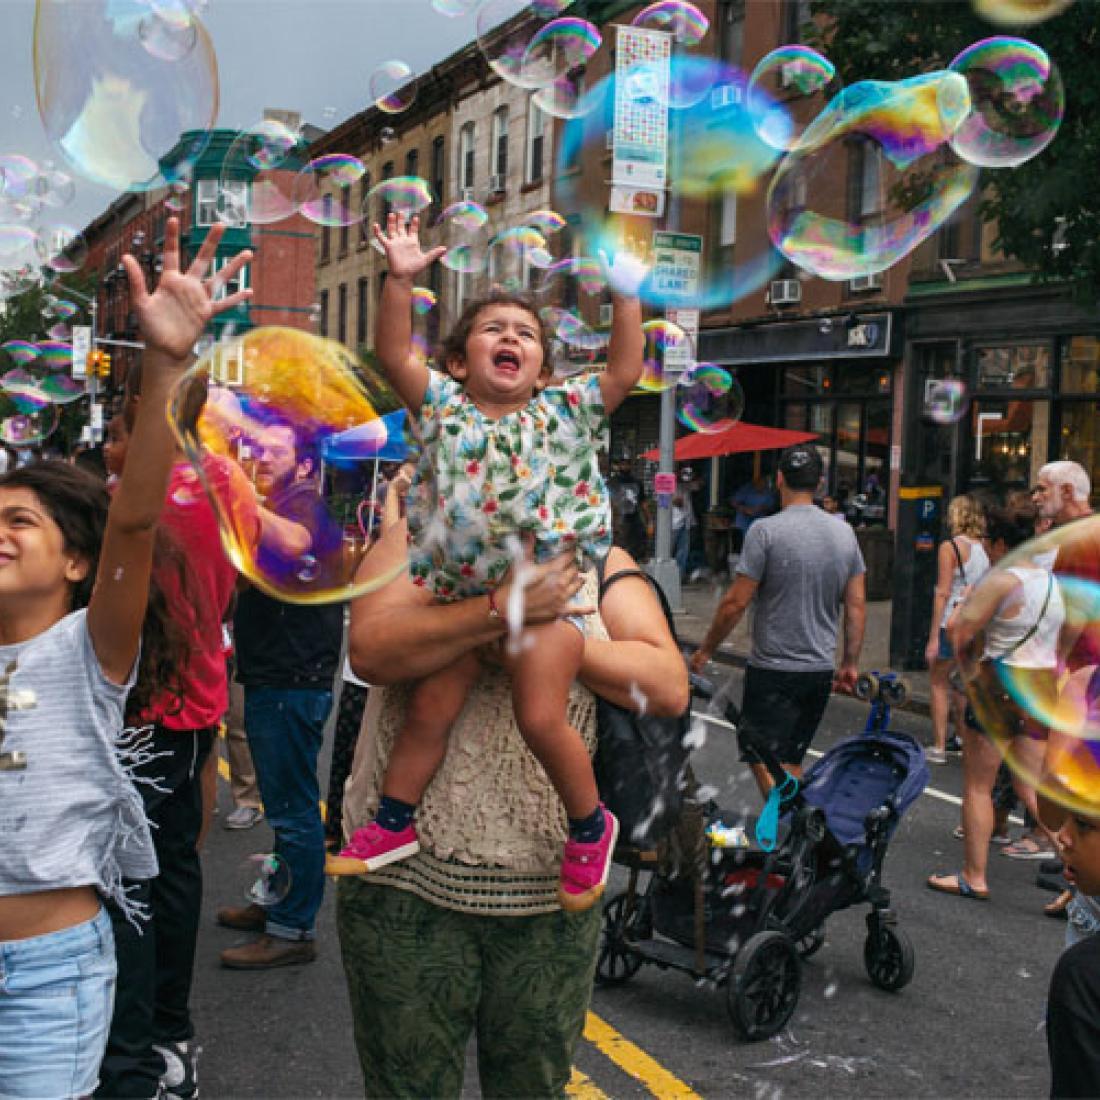 Miembros de la comunidad Park Slope en la calle jugando con burbujas.